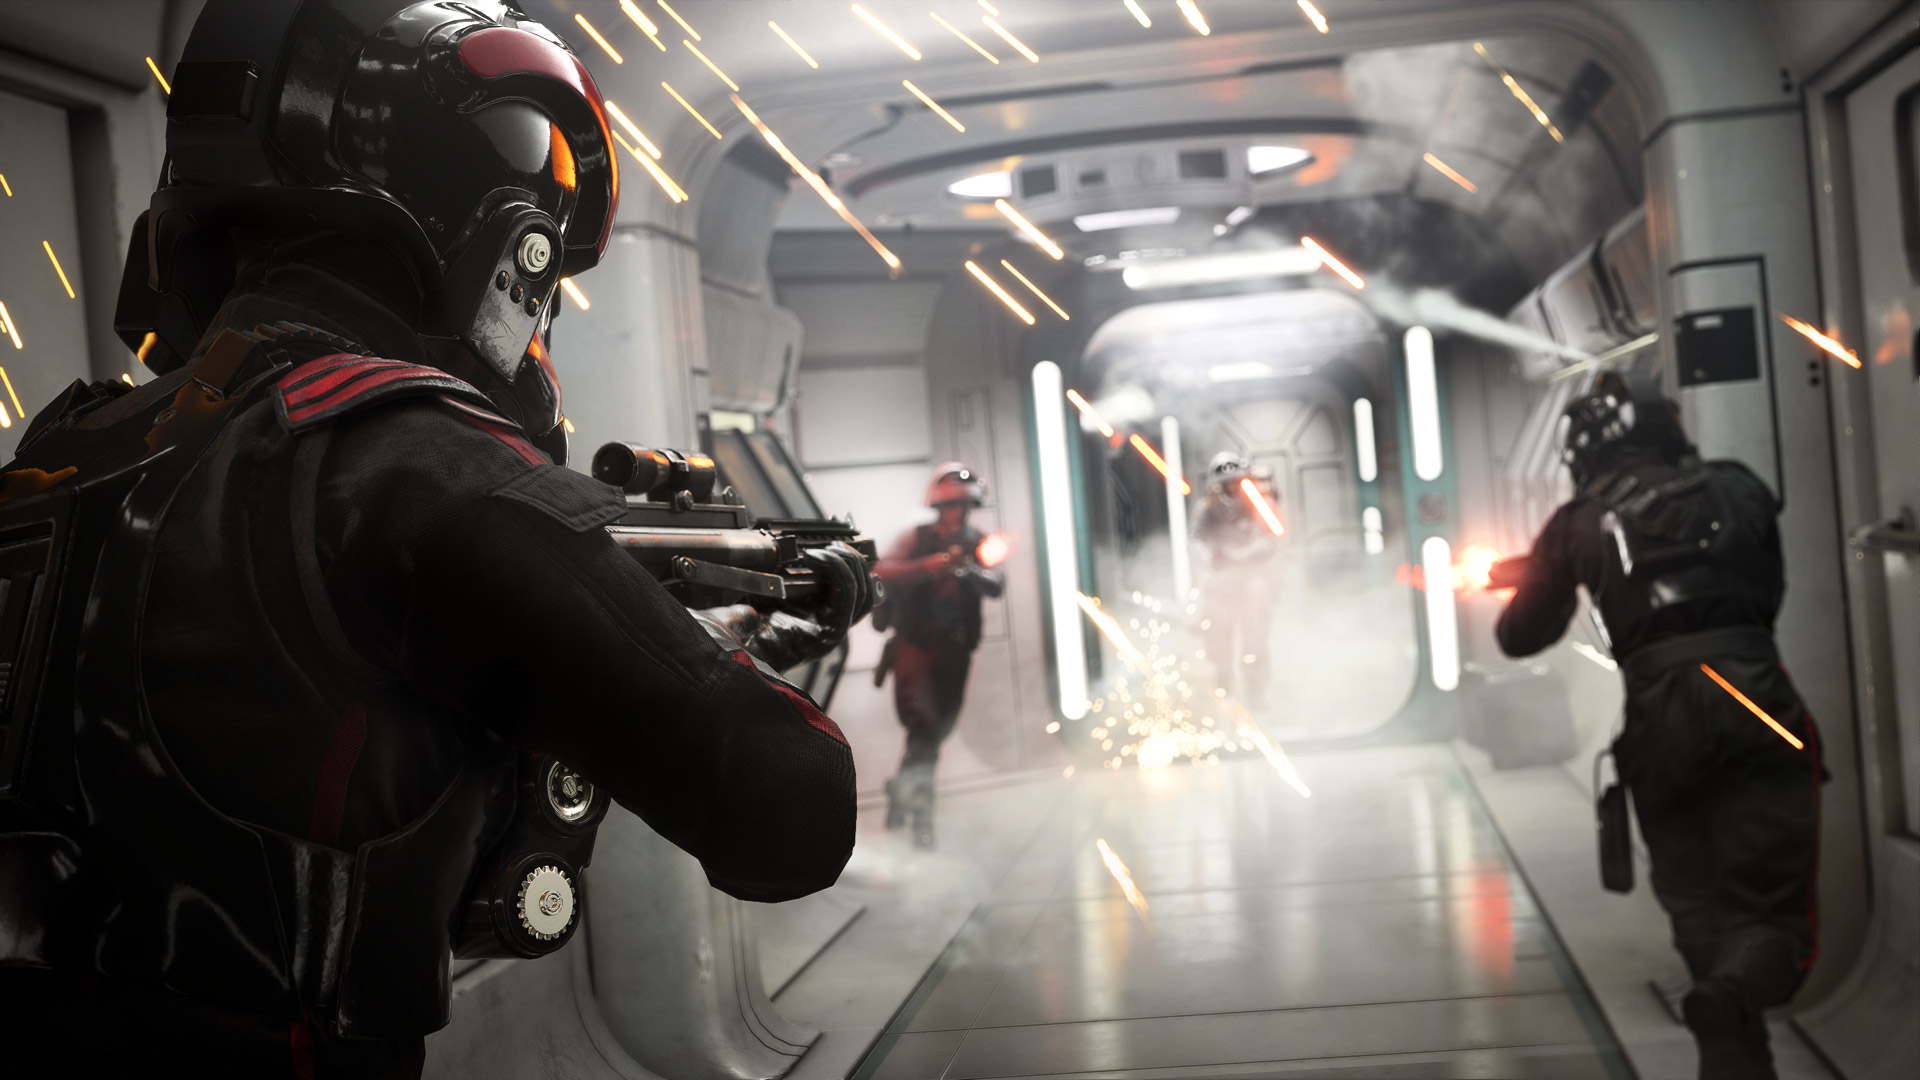 Star Wars Battlefront 2 The Chosen One Update